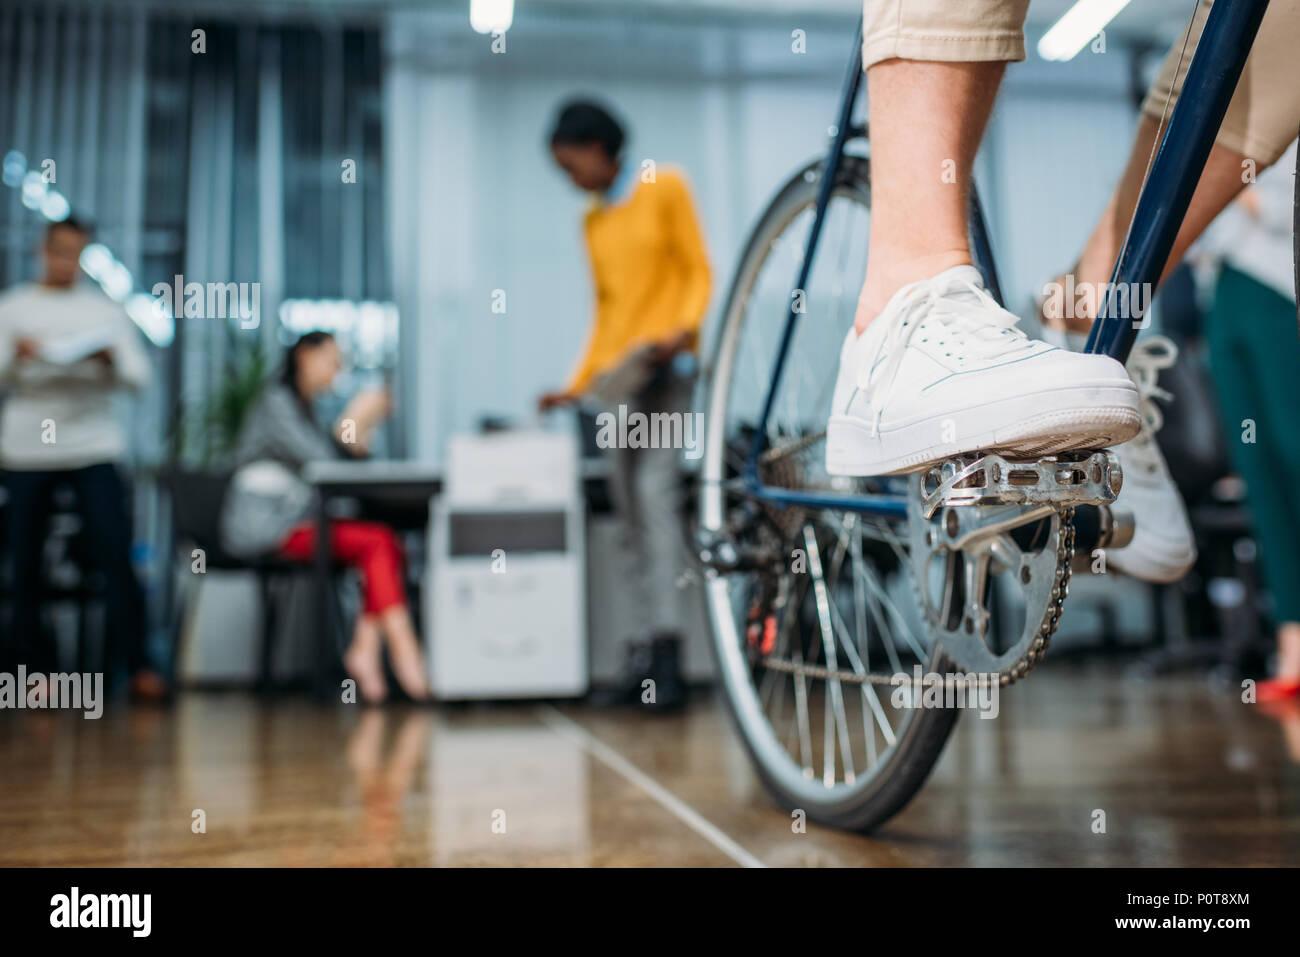 7/8 Schuß von person Reiten Fahrrad an moderne Büro Stockfoto